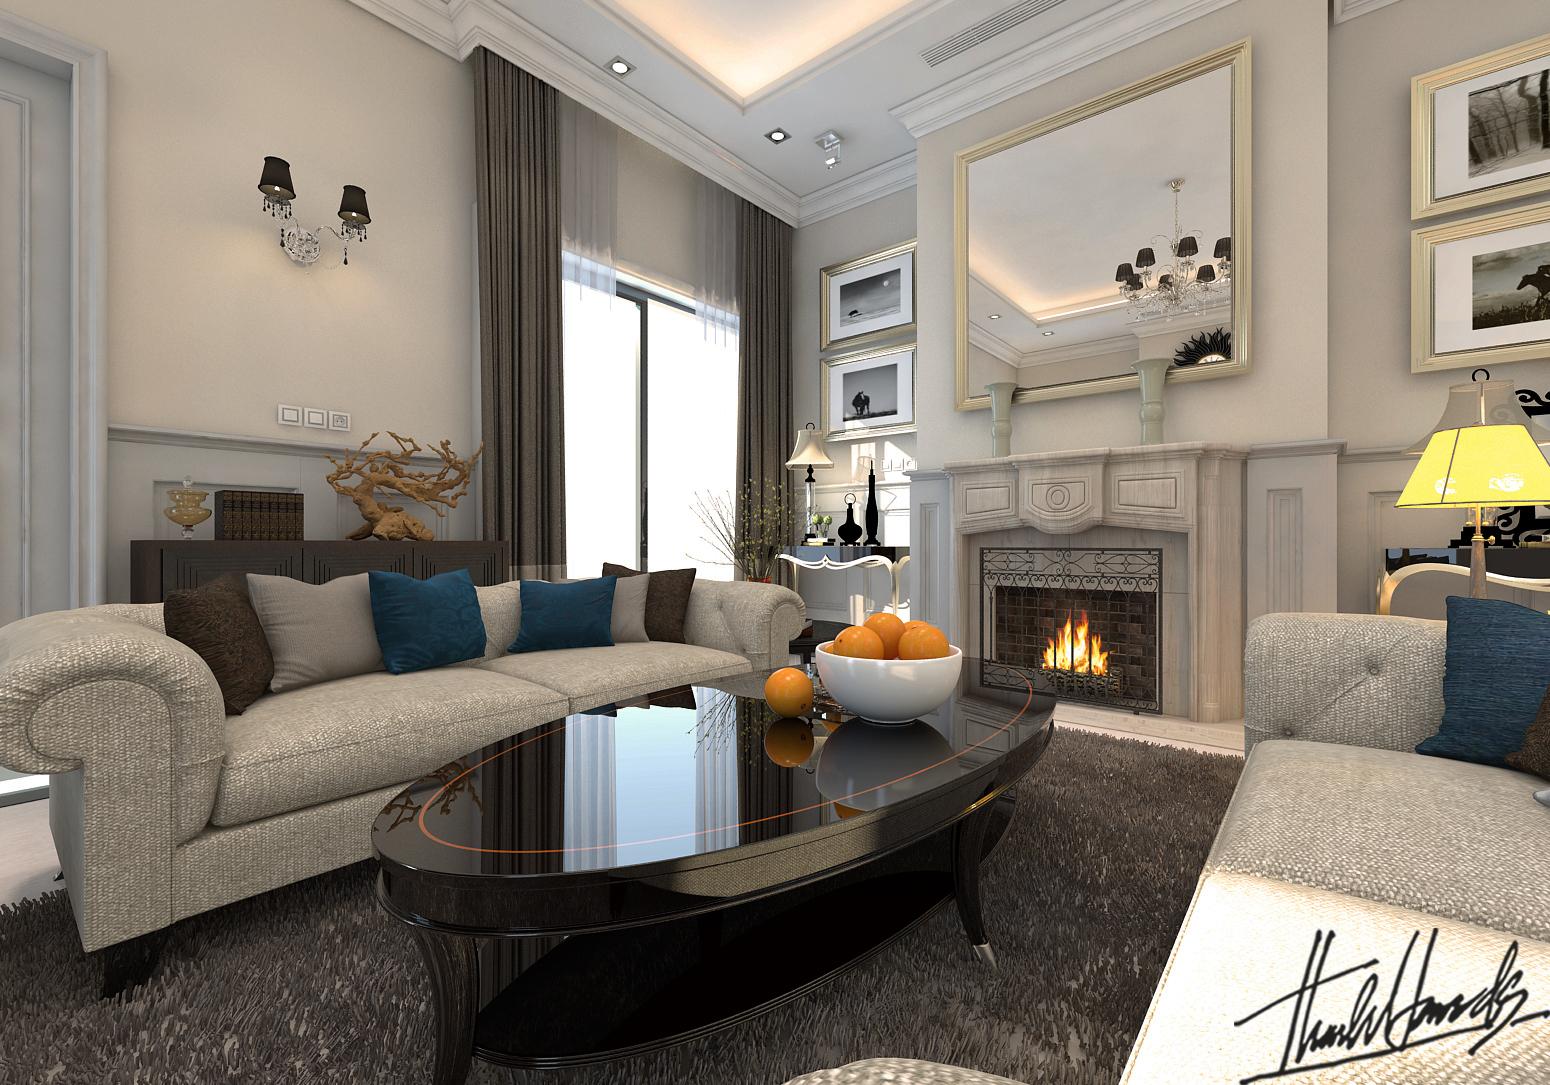 thiết kế nội thất Biệt Thự tại Hà Nội bt Vinhomes - riverside 19 1568274530